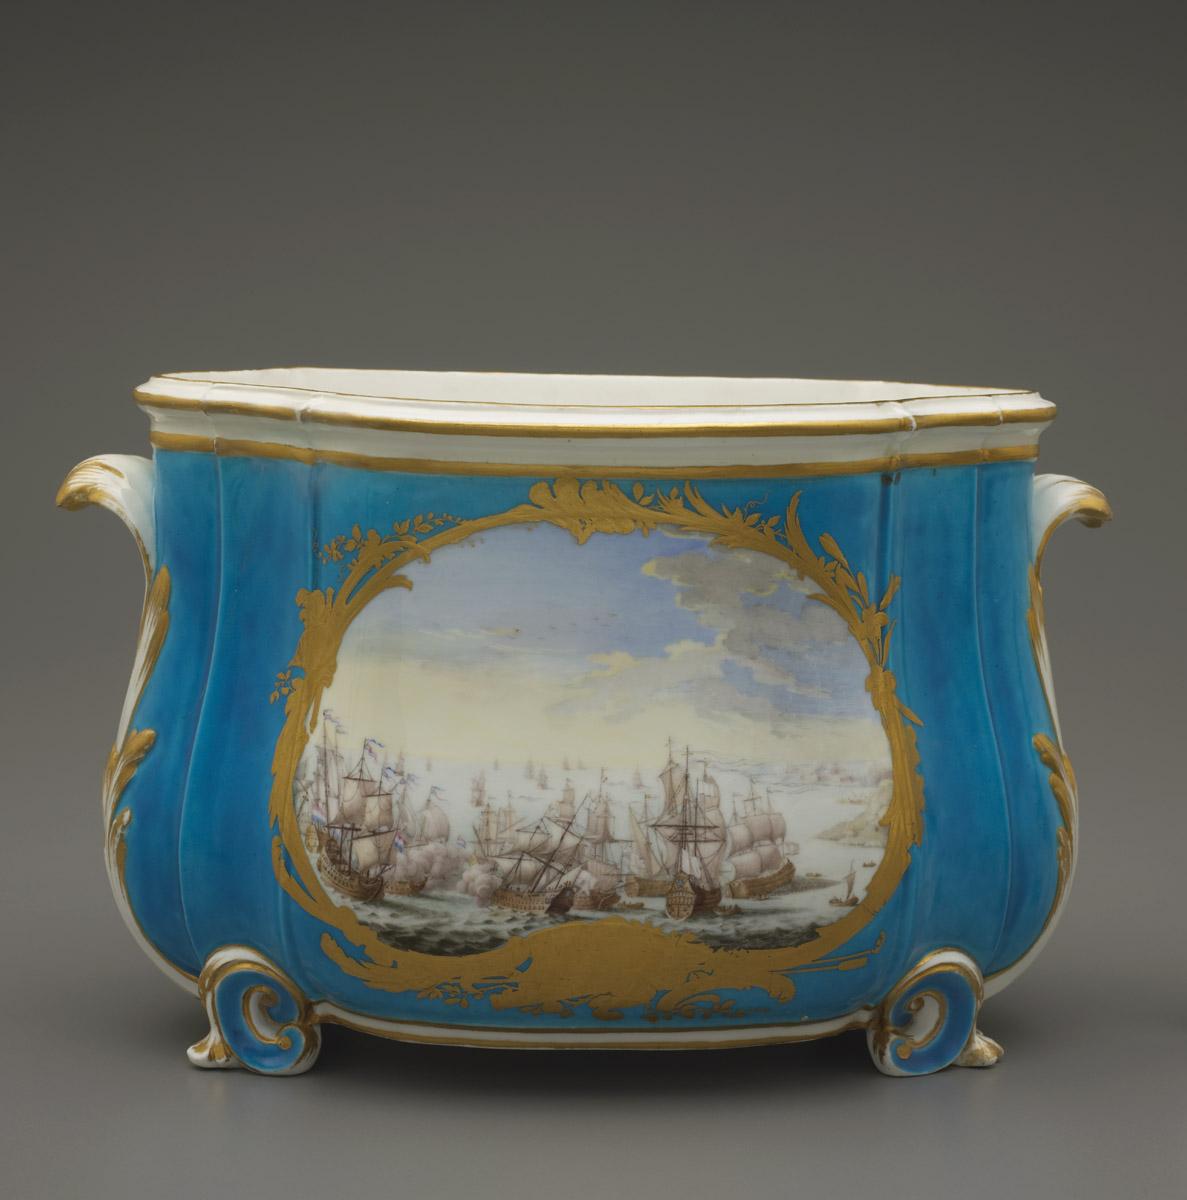 French, Vincennes, decorated by Louis-Denis Armand l'aîné (active 1745-83), Flower vase (cuvette), 1755-56, 7 3/4 x 12 1/4 in., The Guendolen Carkeek Plestcheeff Endowment for the Decorative Arts, 99.8